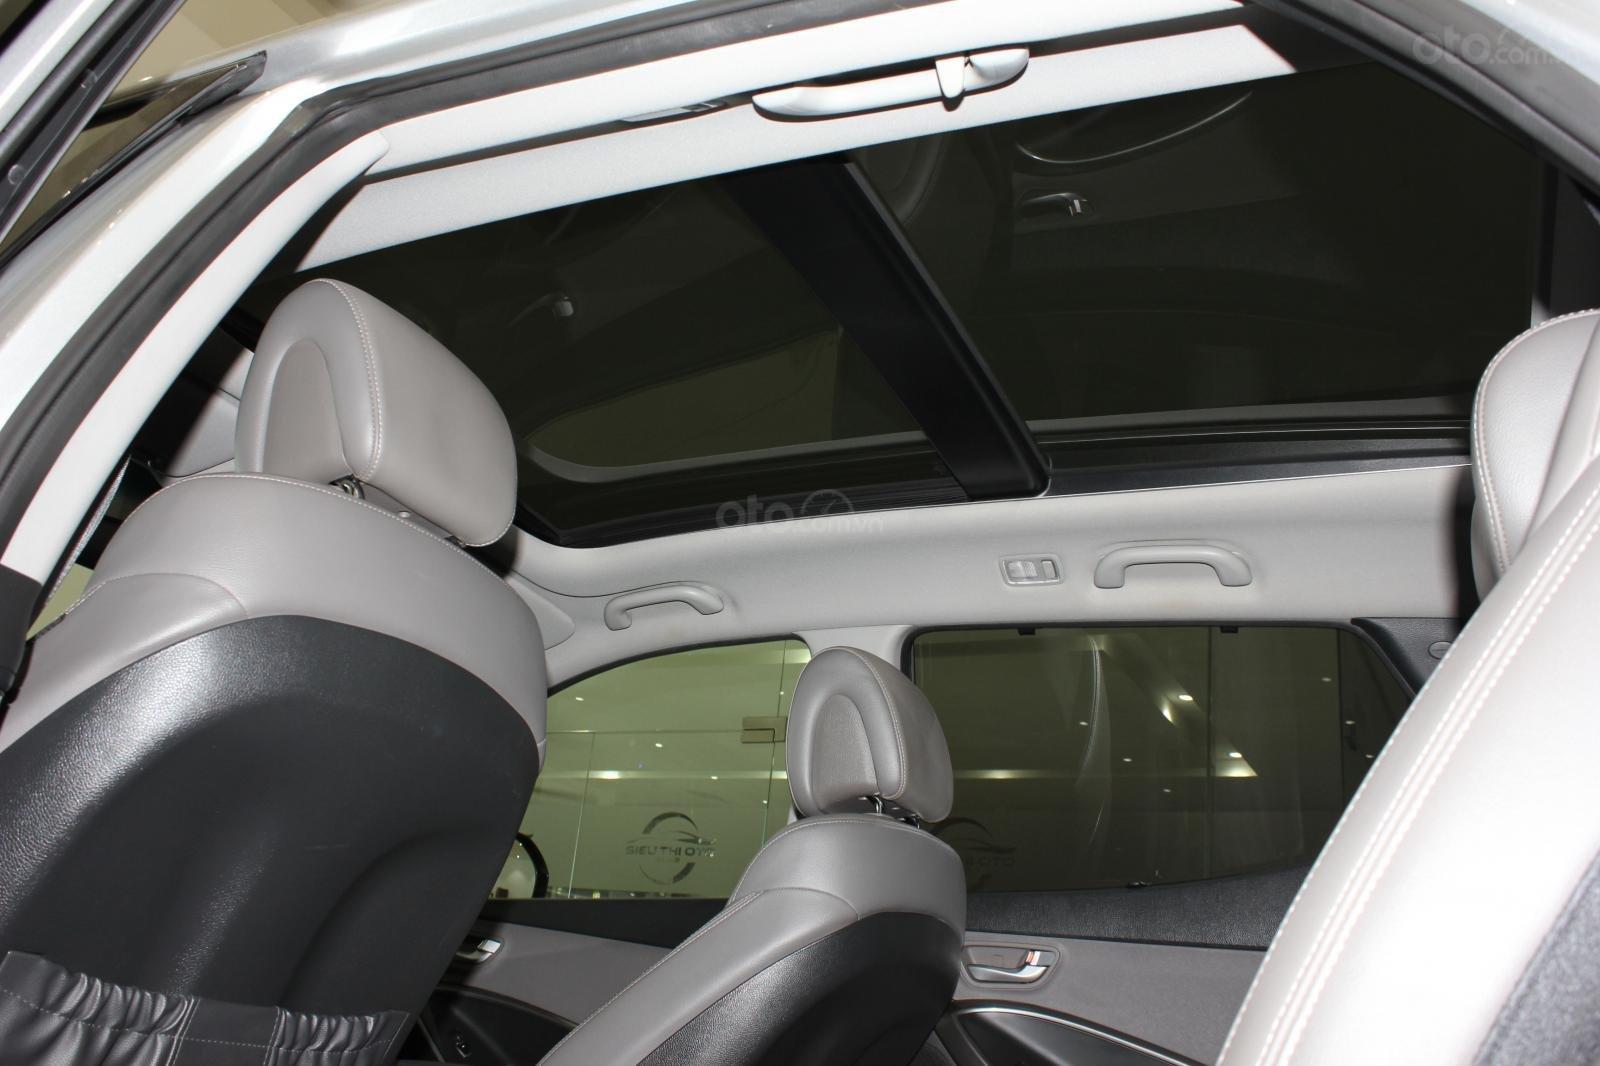 Bán xe Hyundai Santa Fe 2.2 4WD năm sản xuất 2017, màu bạc (12)